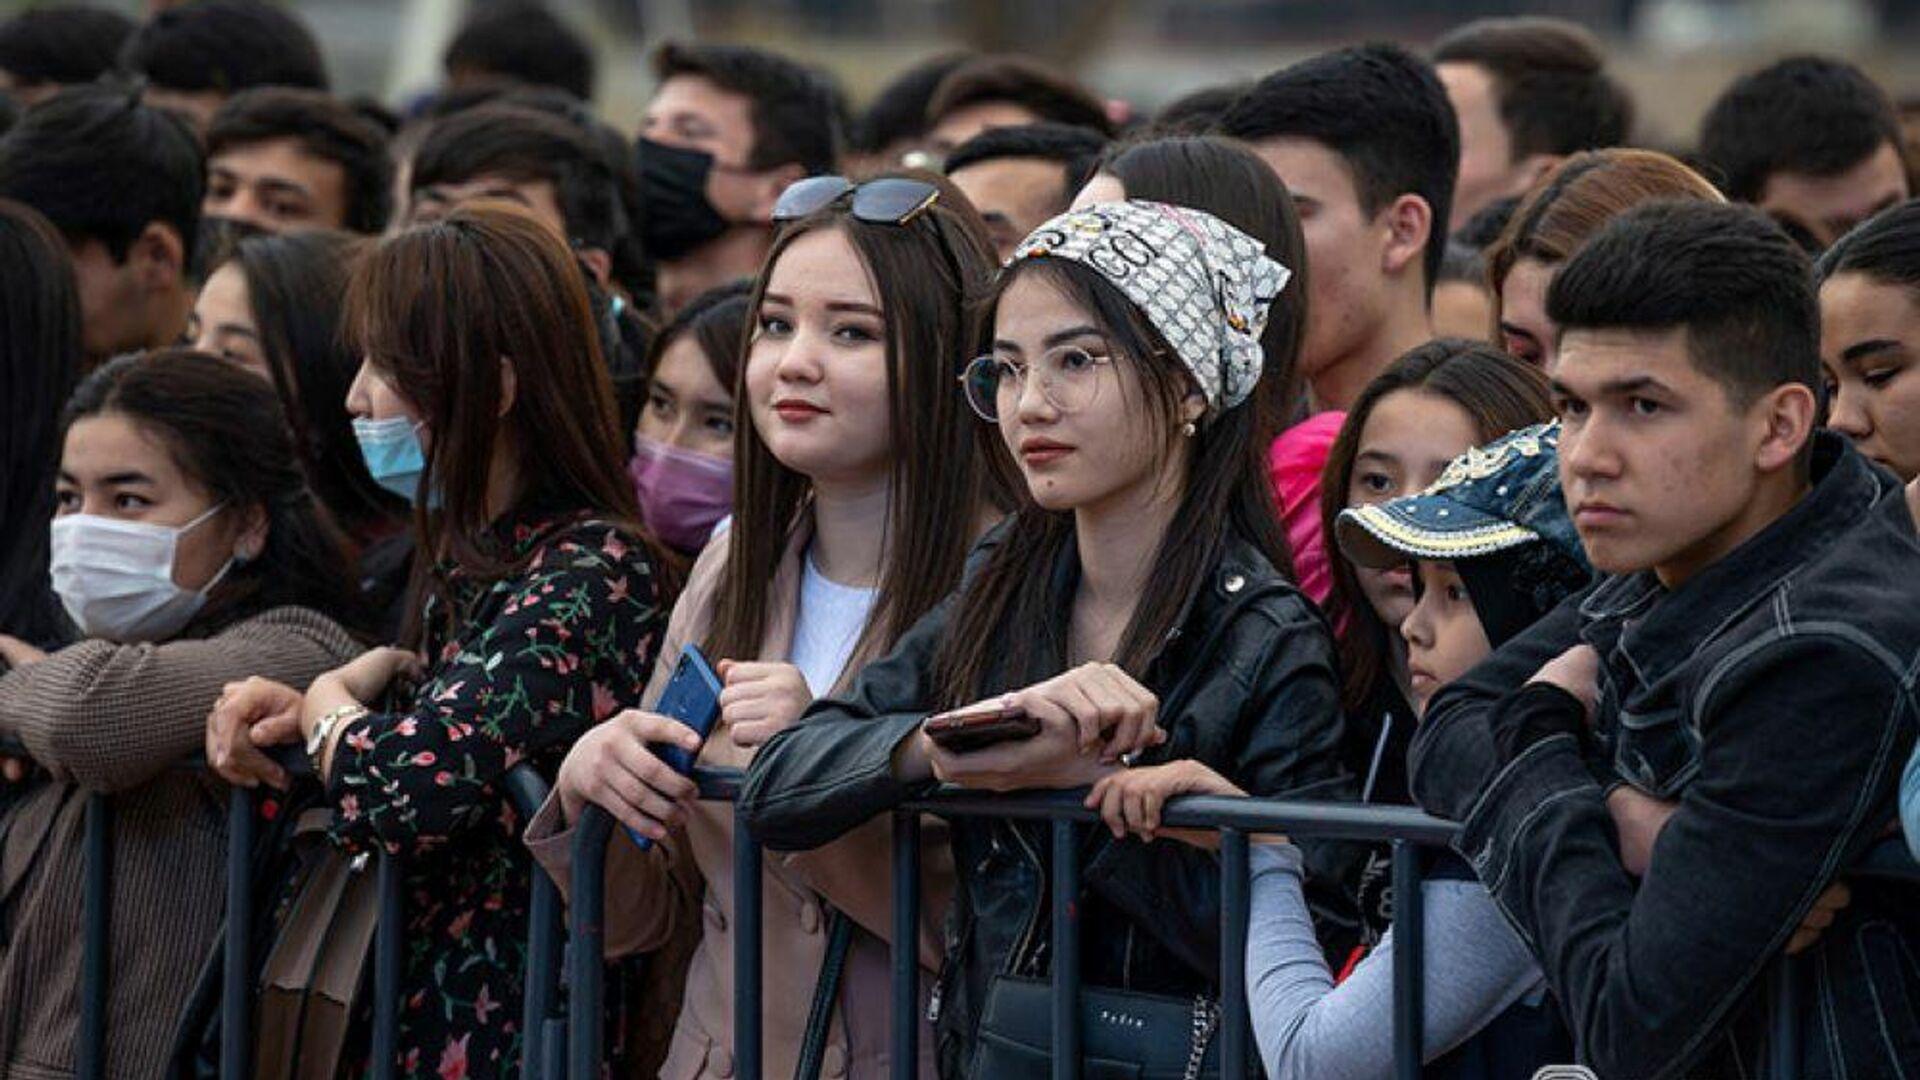 Как в Ташкенте прошел фестиваль Молодежь будущего - Sputnik Узбекистан, 1920, 10.09.2021